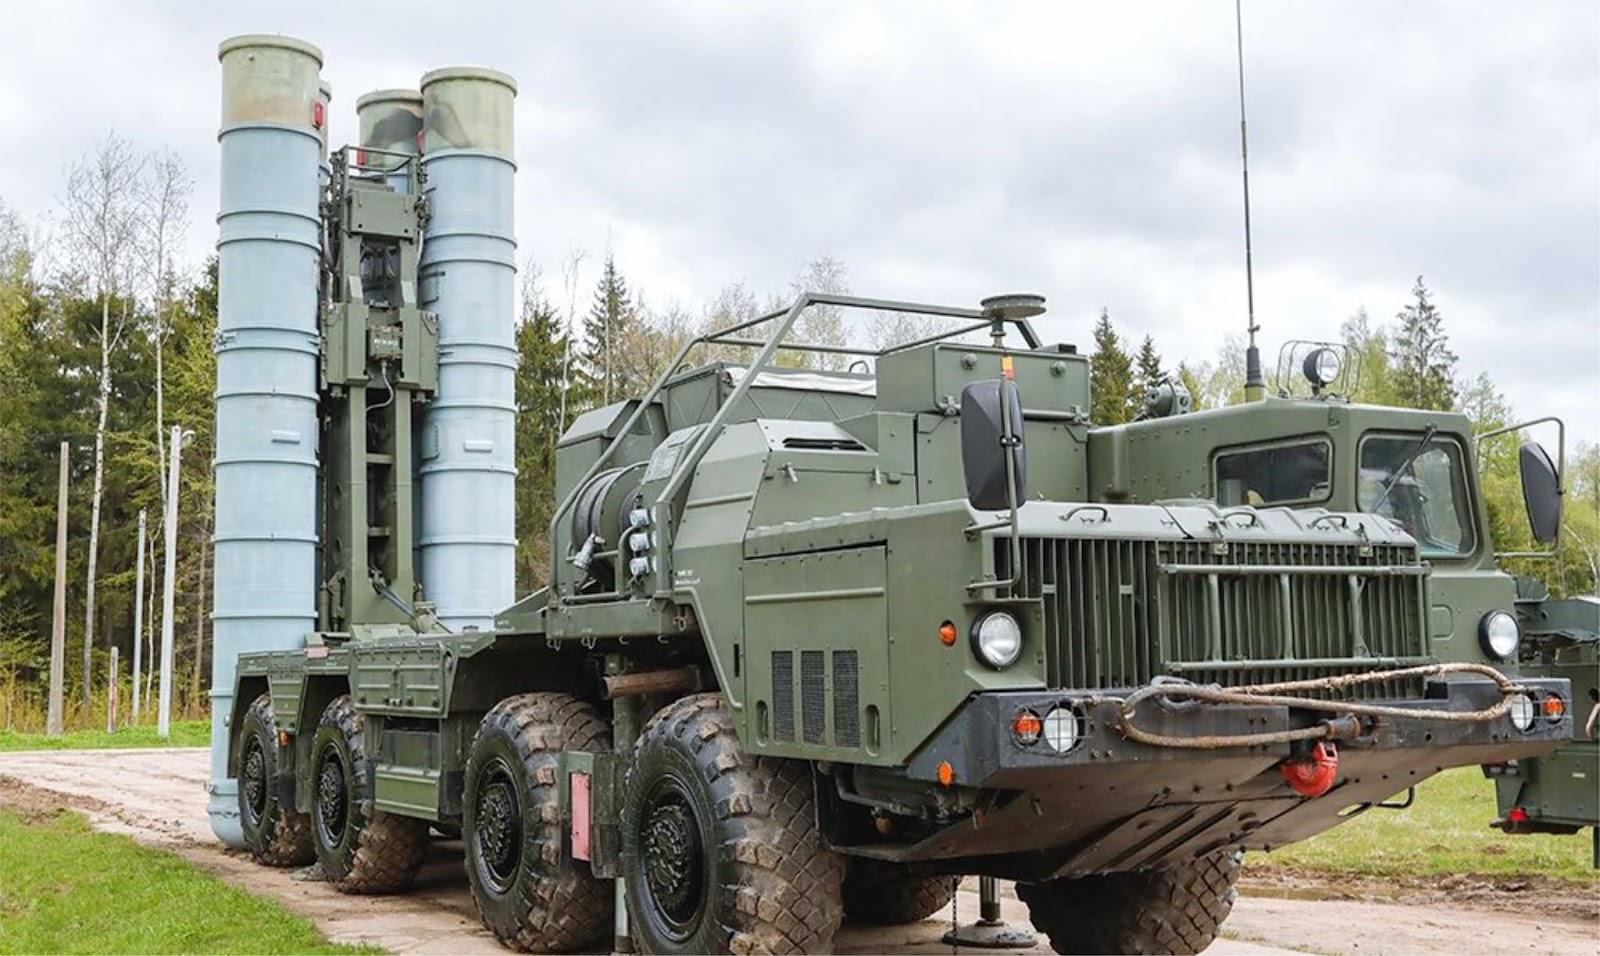 S-400 Rusia mengalahkan kebanggaan utama Angkatan Darat AS#